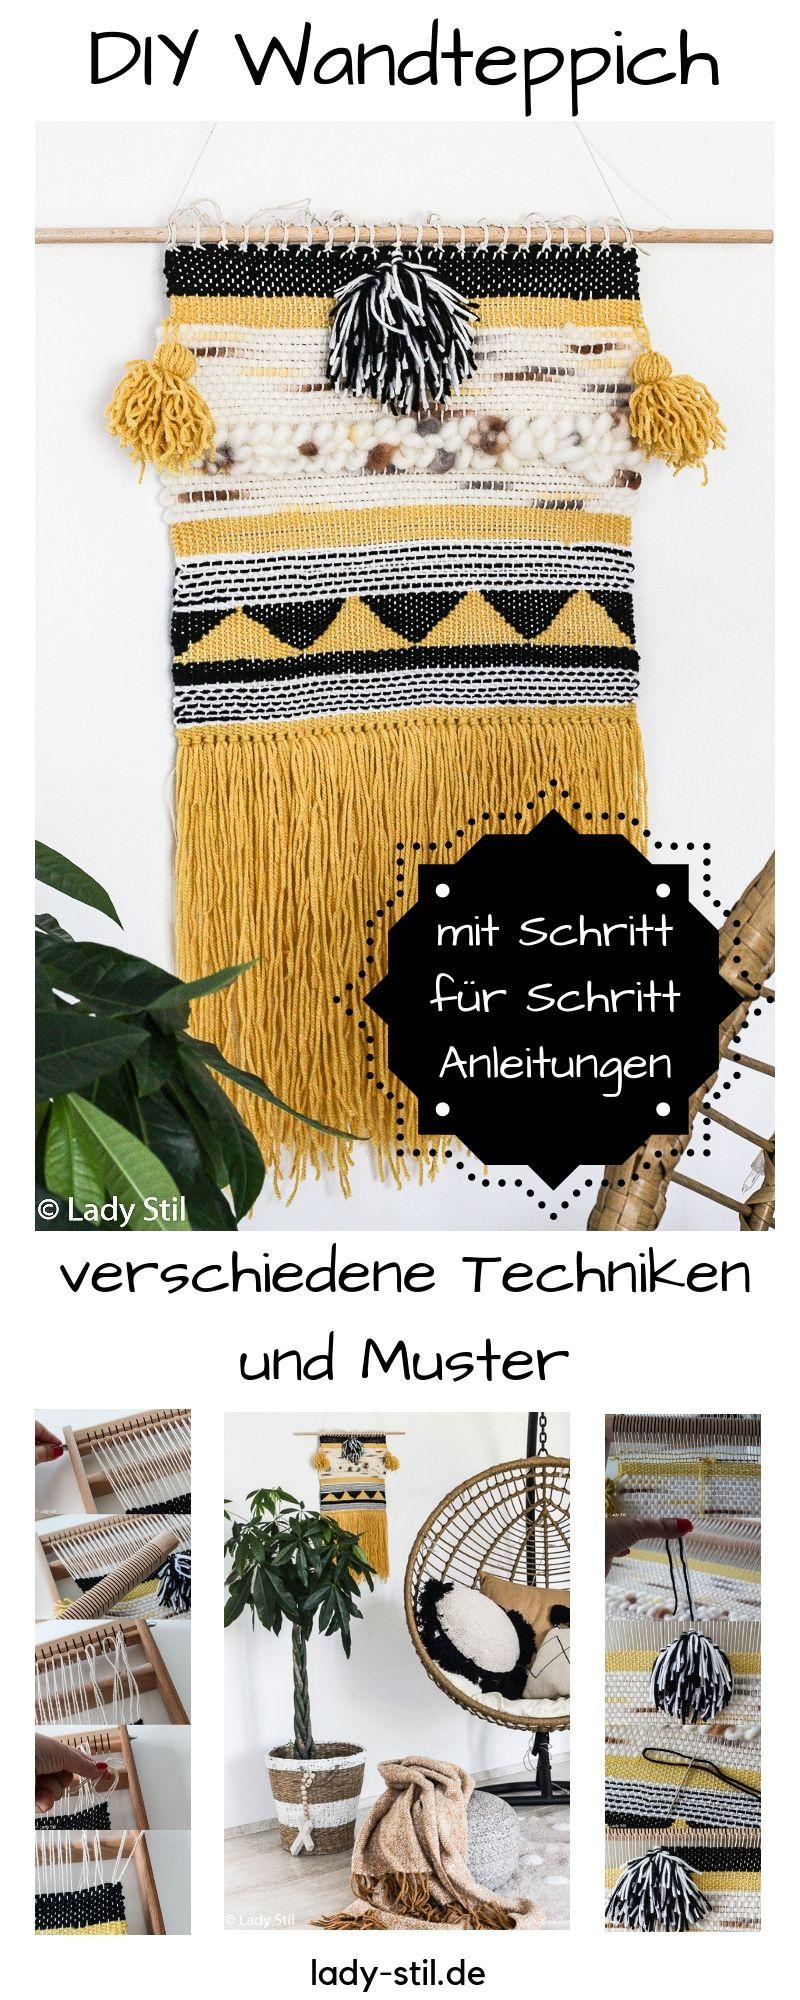 DIY Wandteppich weben - Interior DIY Wandteppich weben - Interior #diyinterior